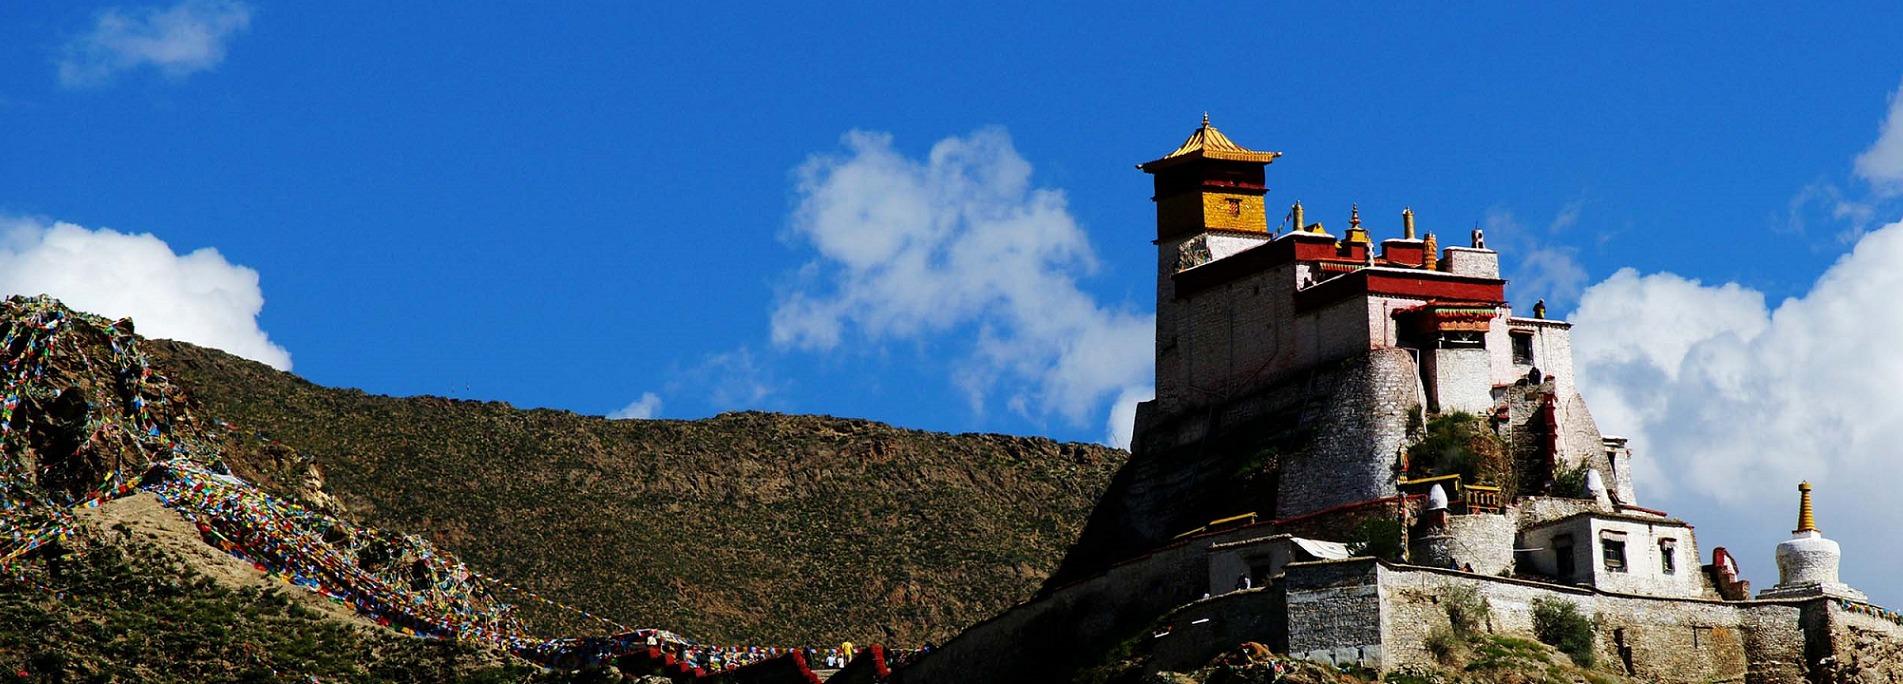 Lhasa to Tsedang Tour is an inspiring spiritual tour in Tibet.